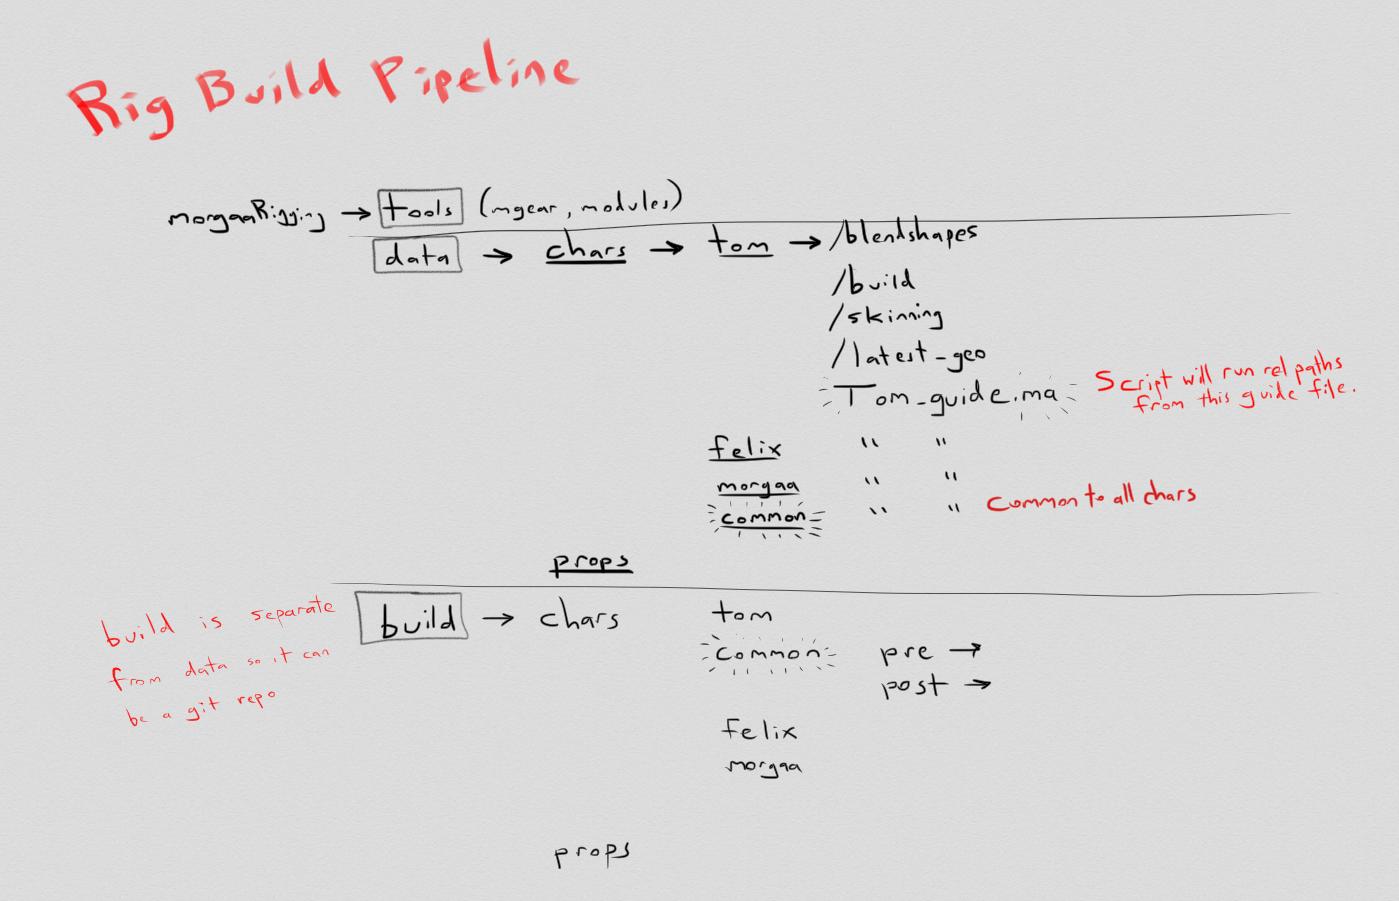 pipeline_sketch-88b659e8-e275-4b9b-8b8c-5a38ae65c762